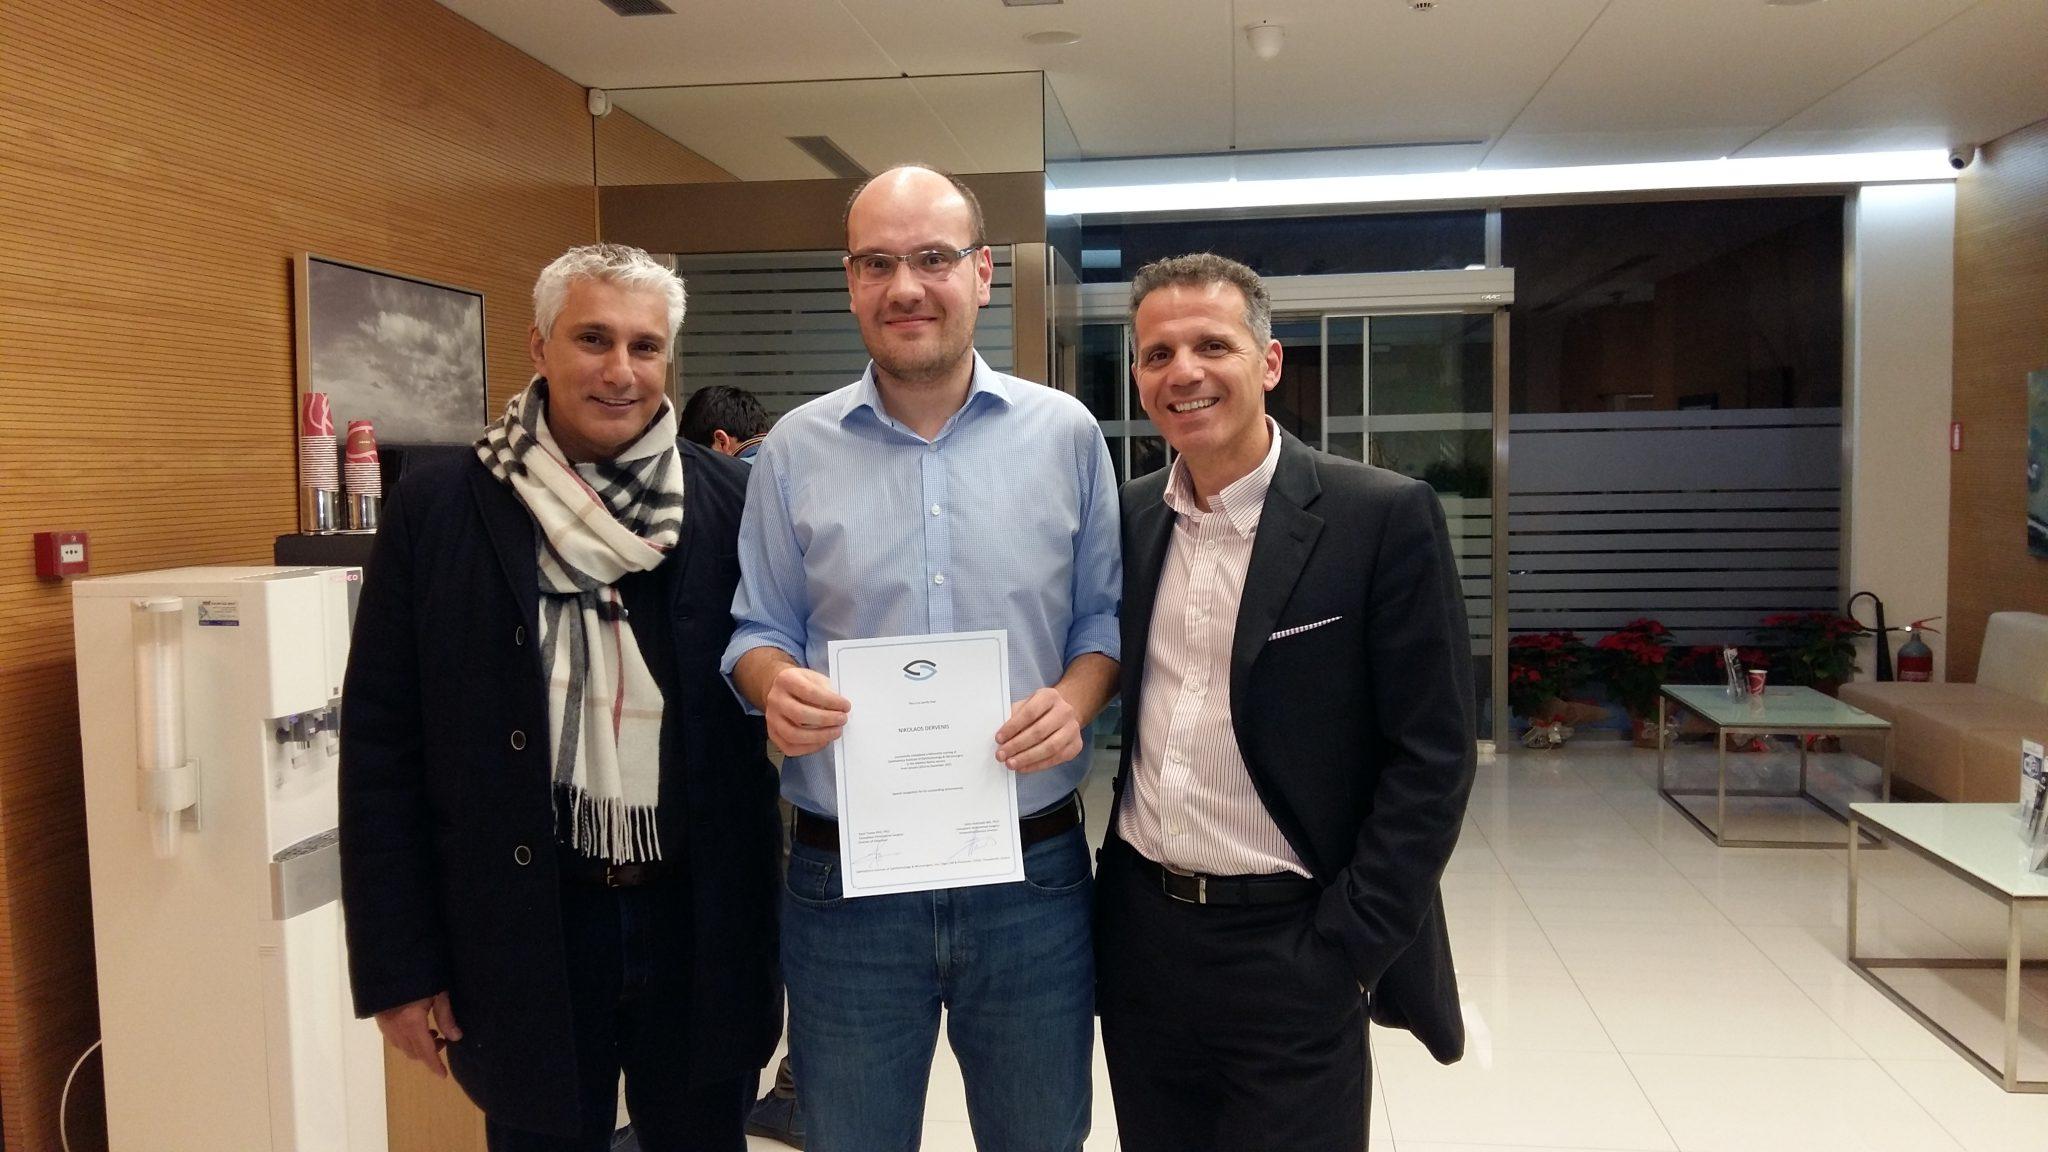 dervenis fellowship certificate4